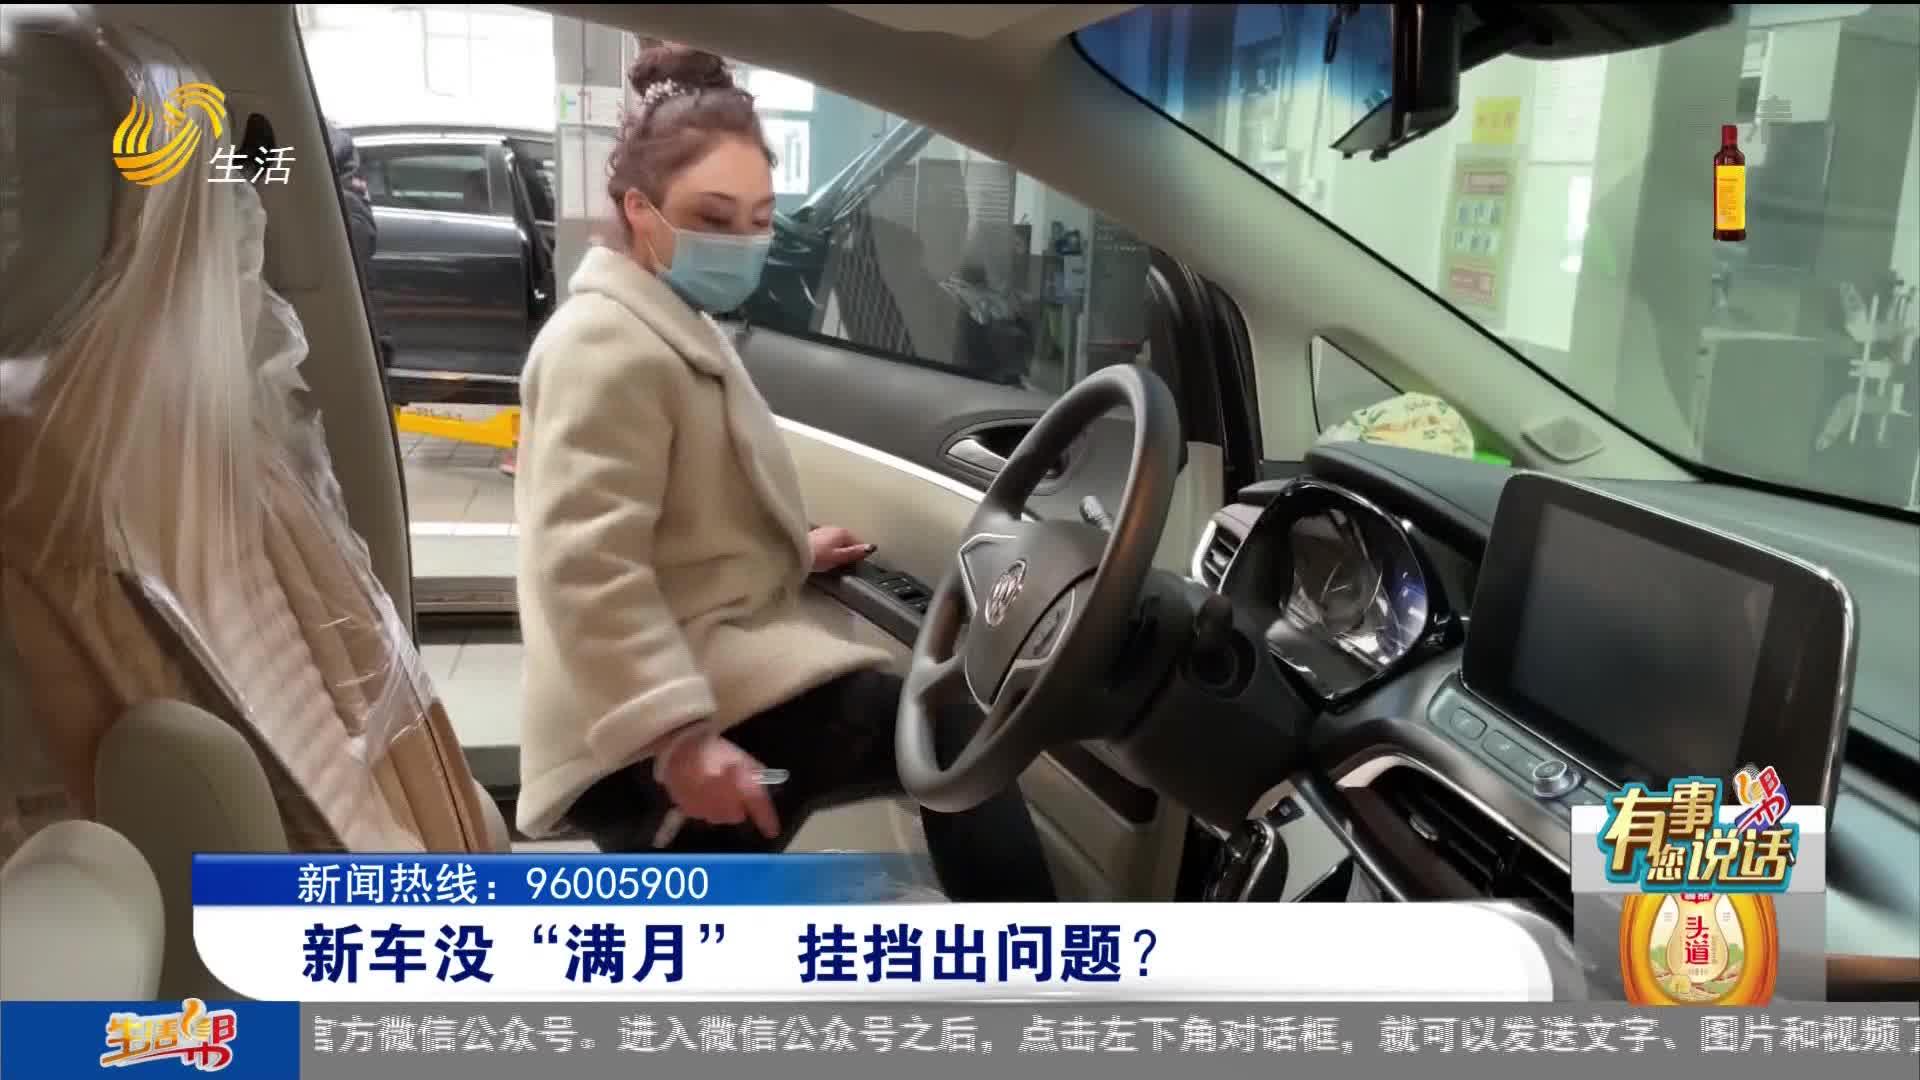 """【有事您说话】新车没""""满月"""" 挂挡出问题?"""